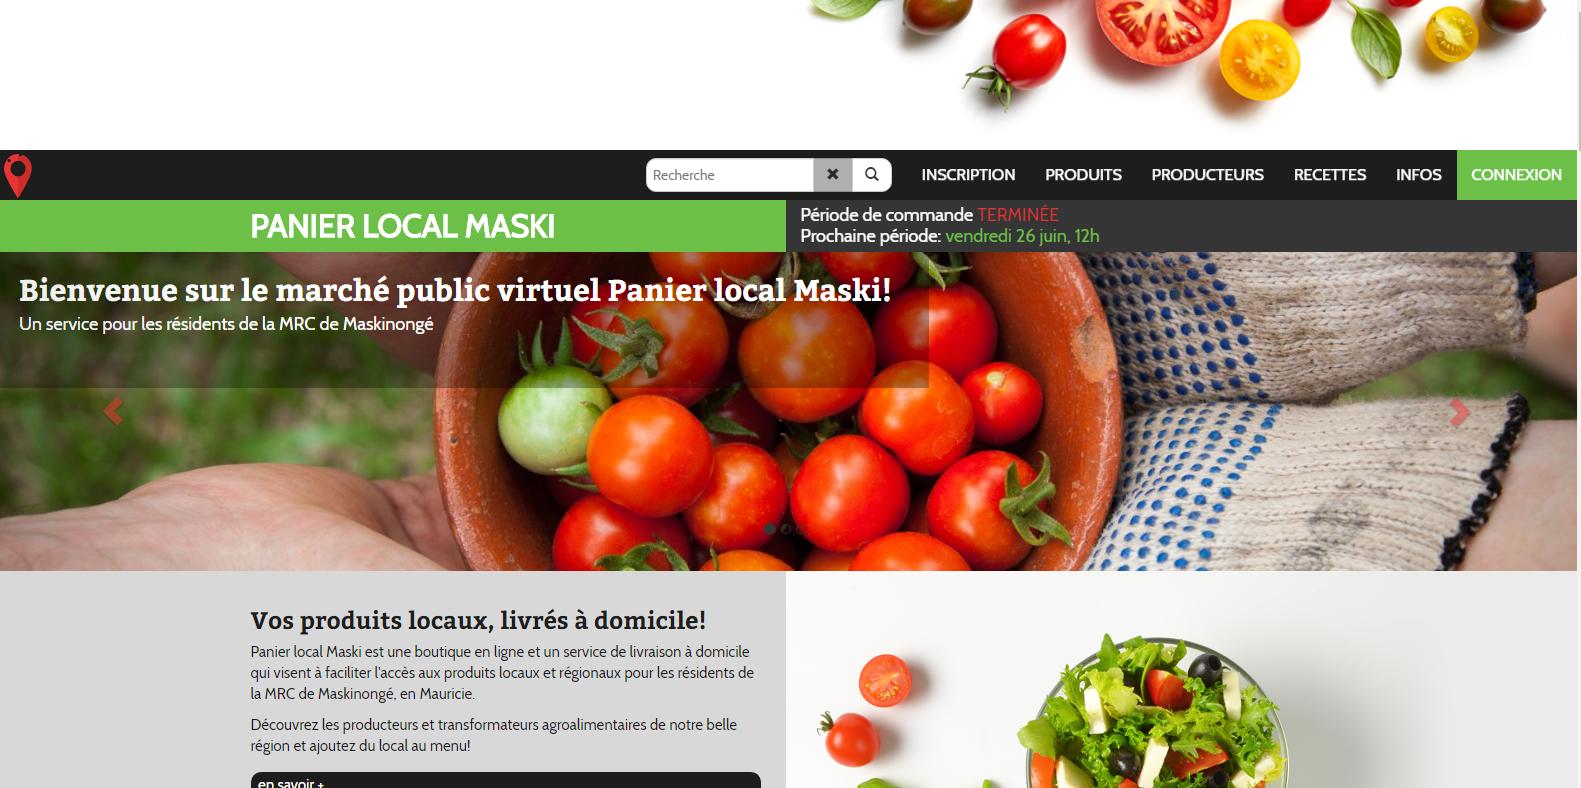 Panier local Maski : un marché public en ligne pour la MRC de Maskinongé